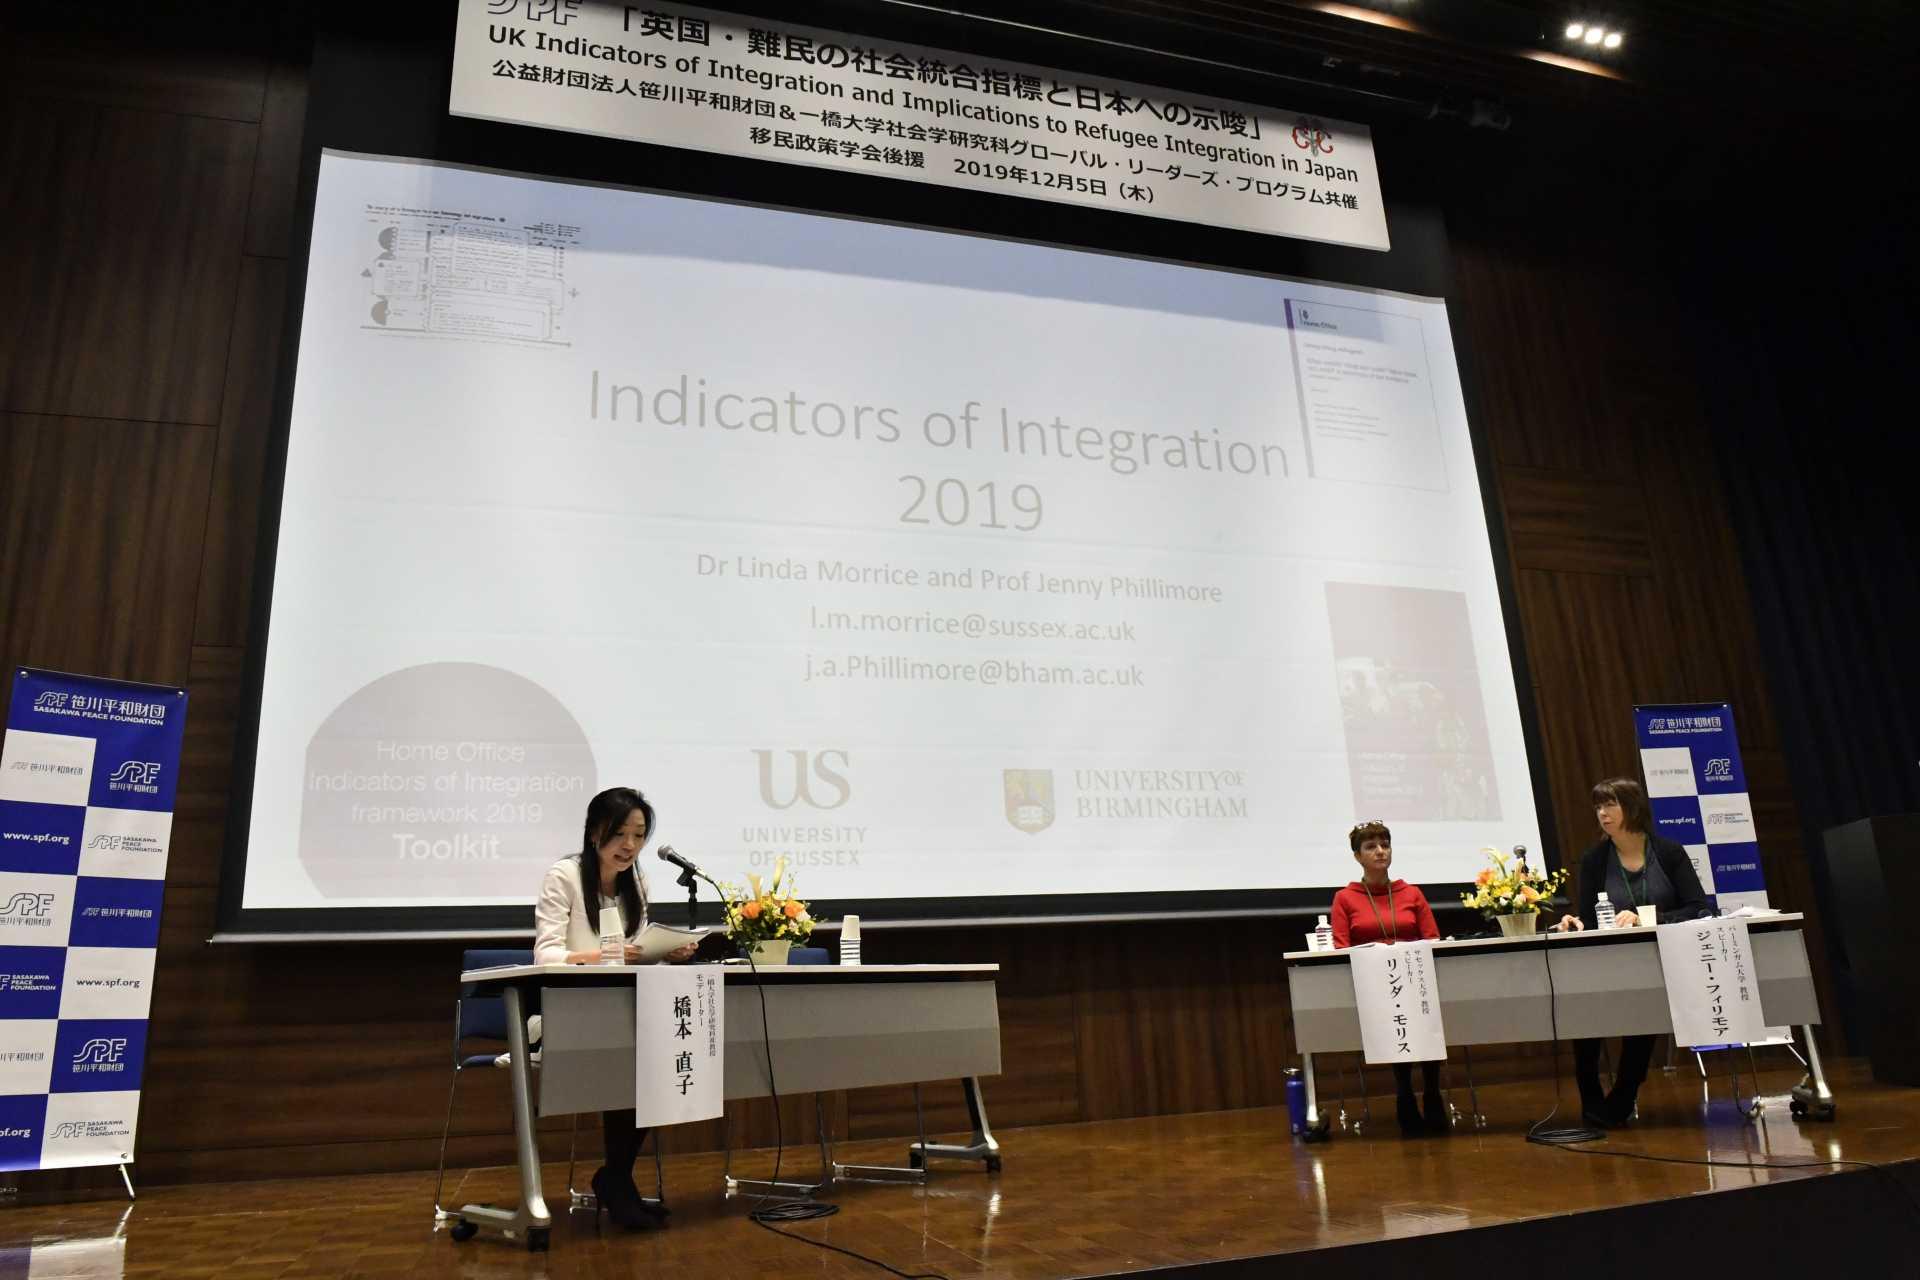 公開セミナー「英国・難民の社会統合指標と日本への示唆」を開催